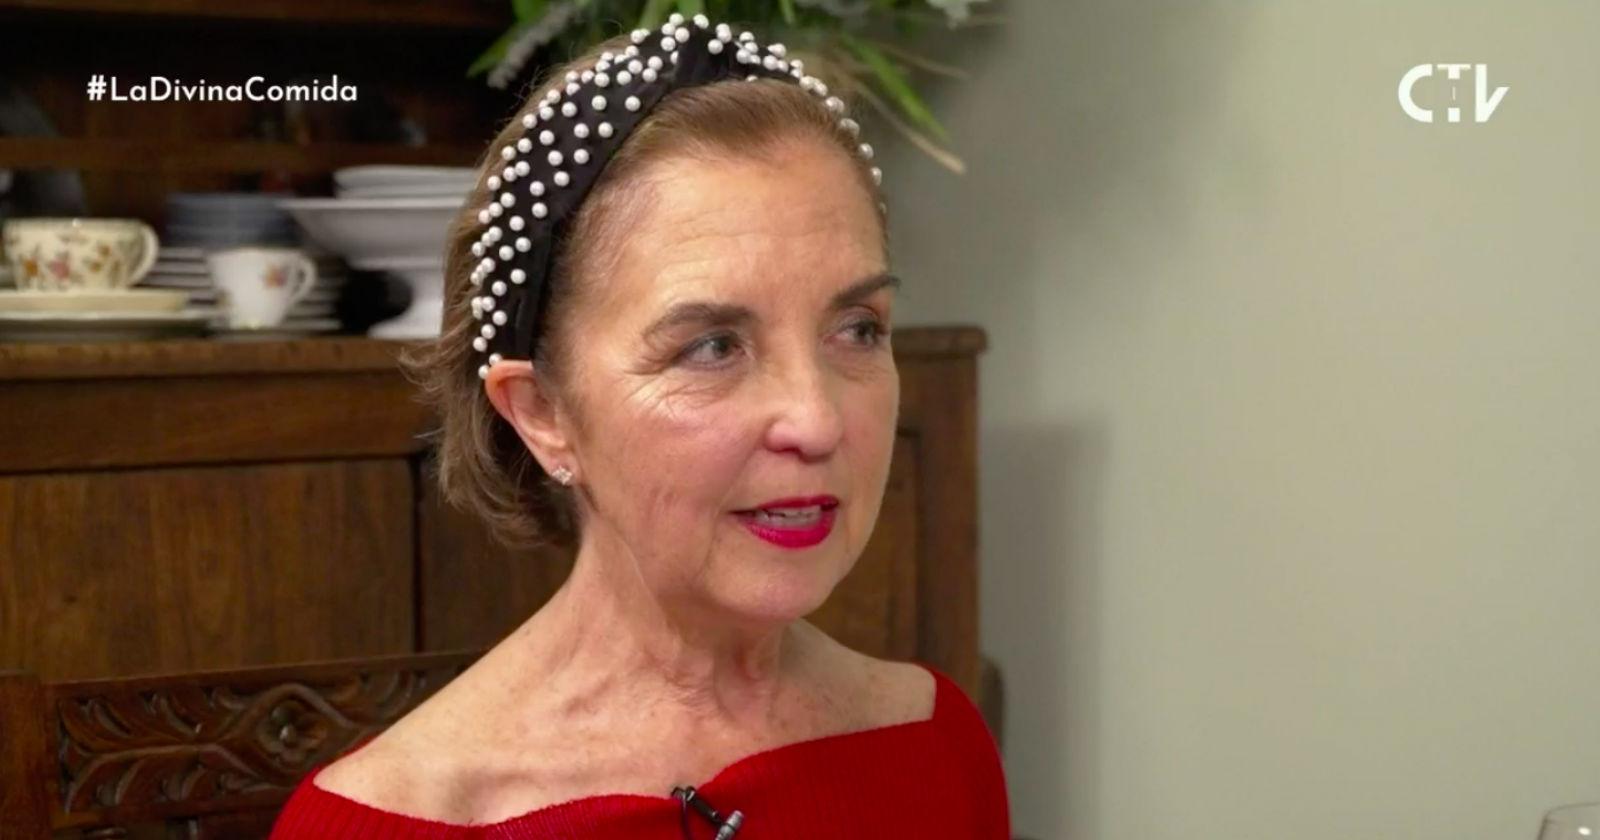 El postergado capítulo de La Divina Comida que protagonizó Gloria Hutt